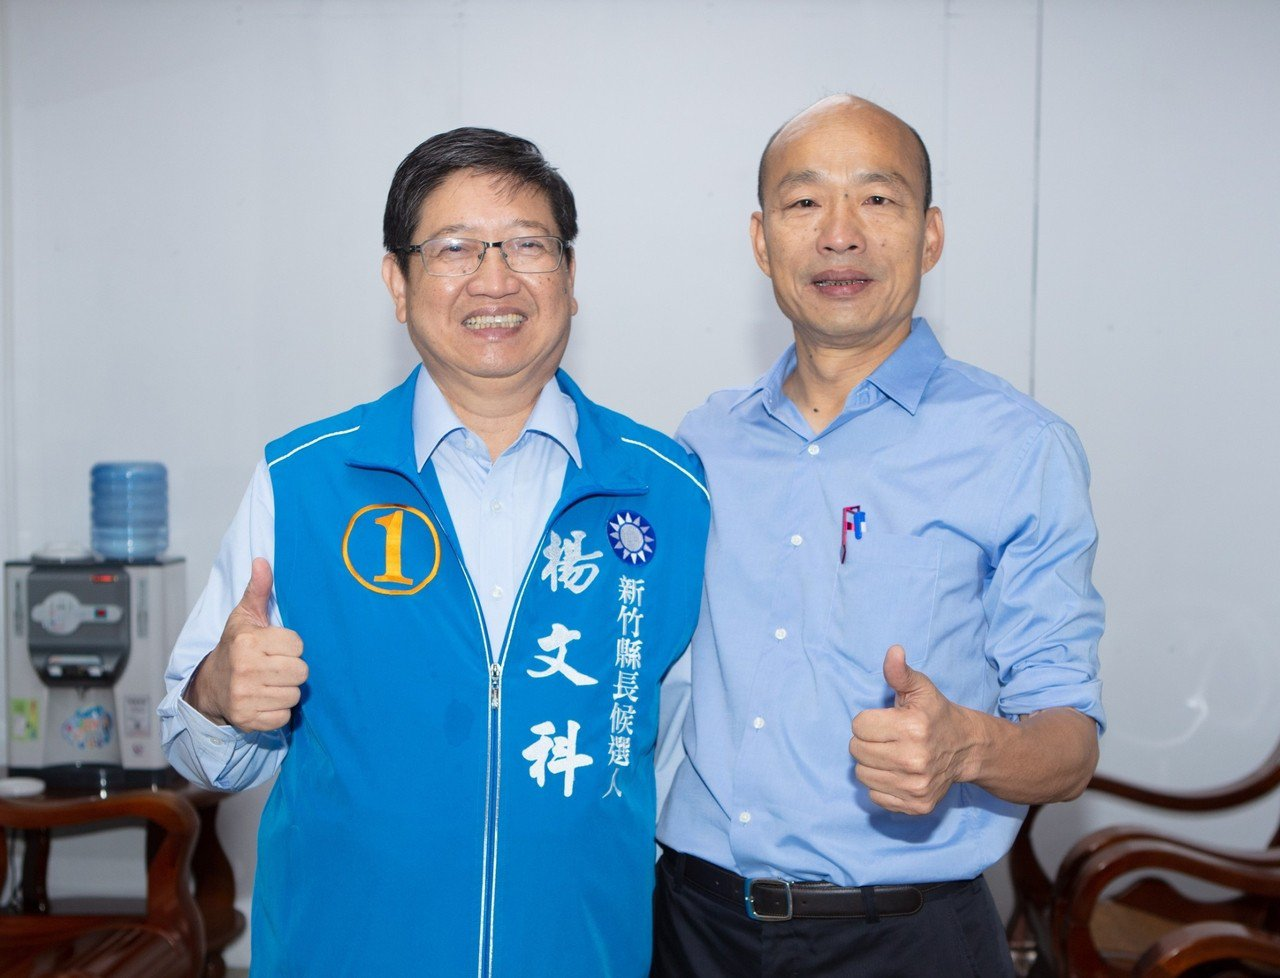 楊文科今天合體韓國瑜,在國民黨高雄市黨部一起拍攝競選宣傳影片。圖/楊文科團隊提供